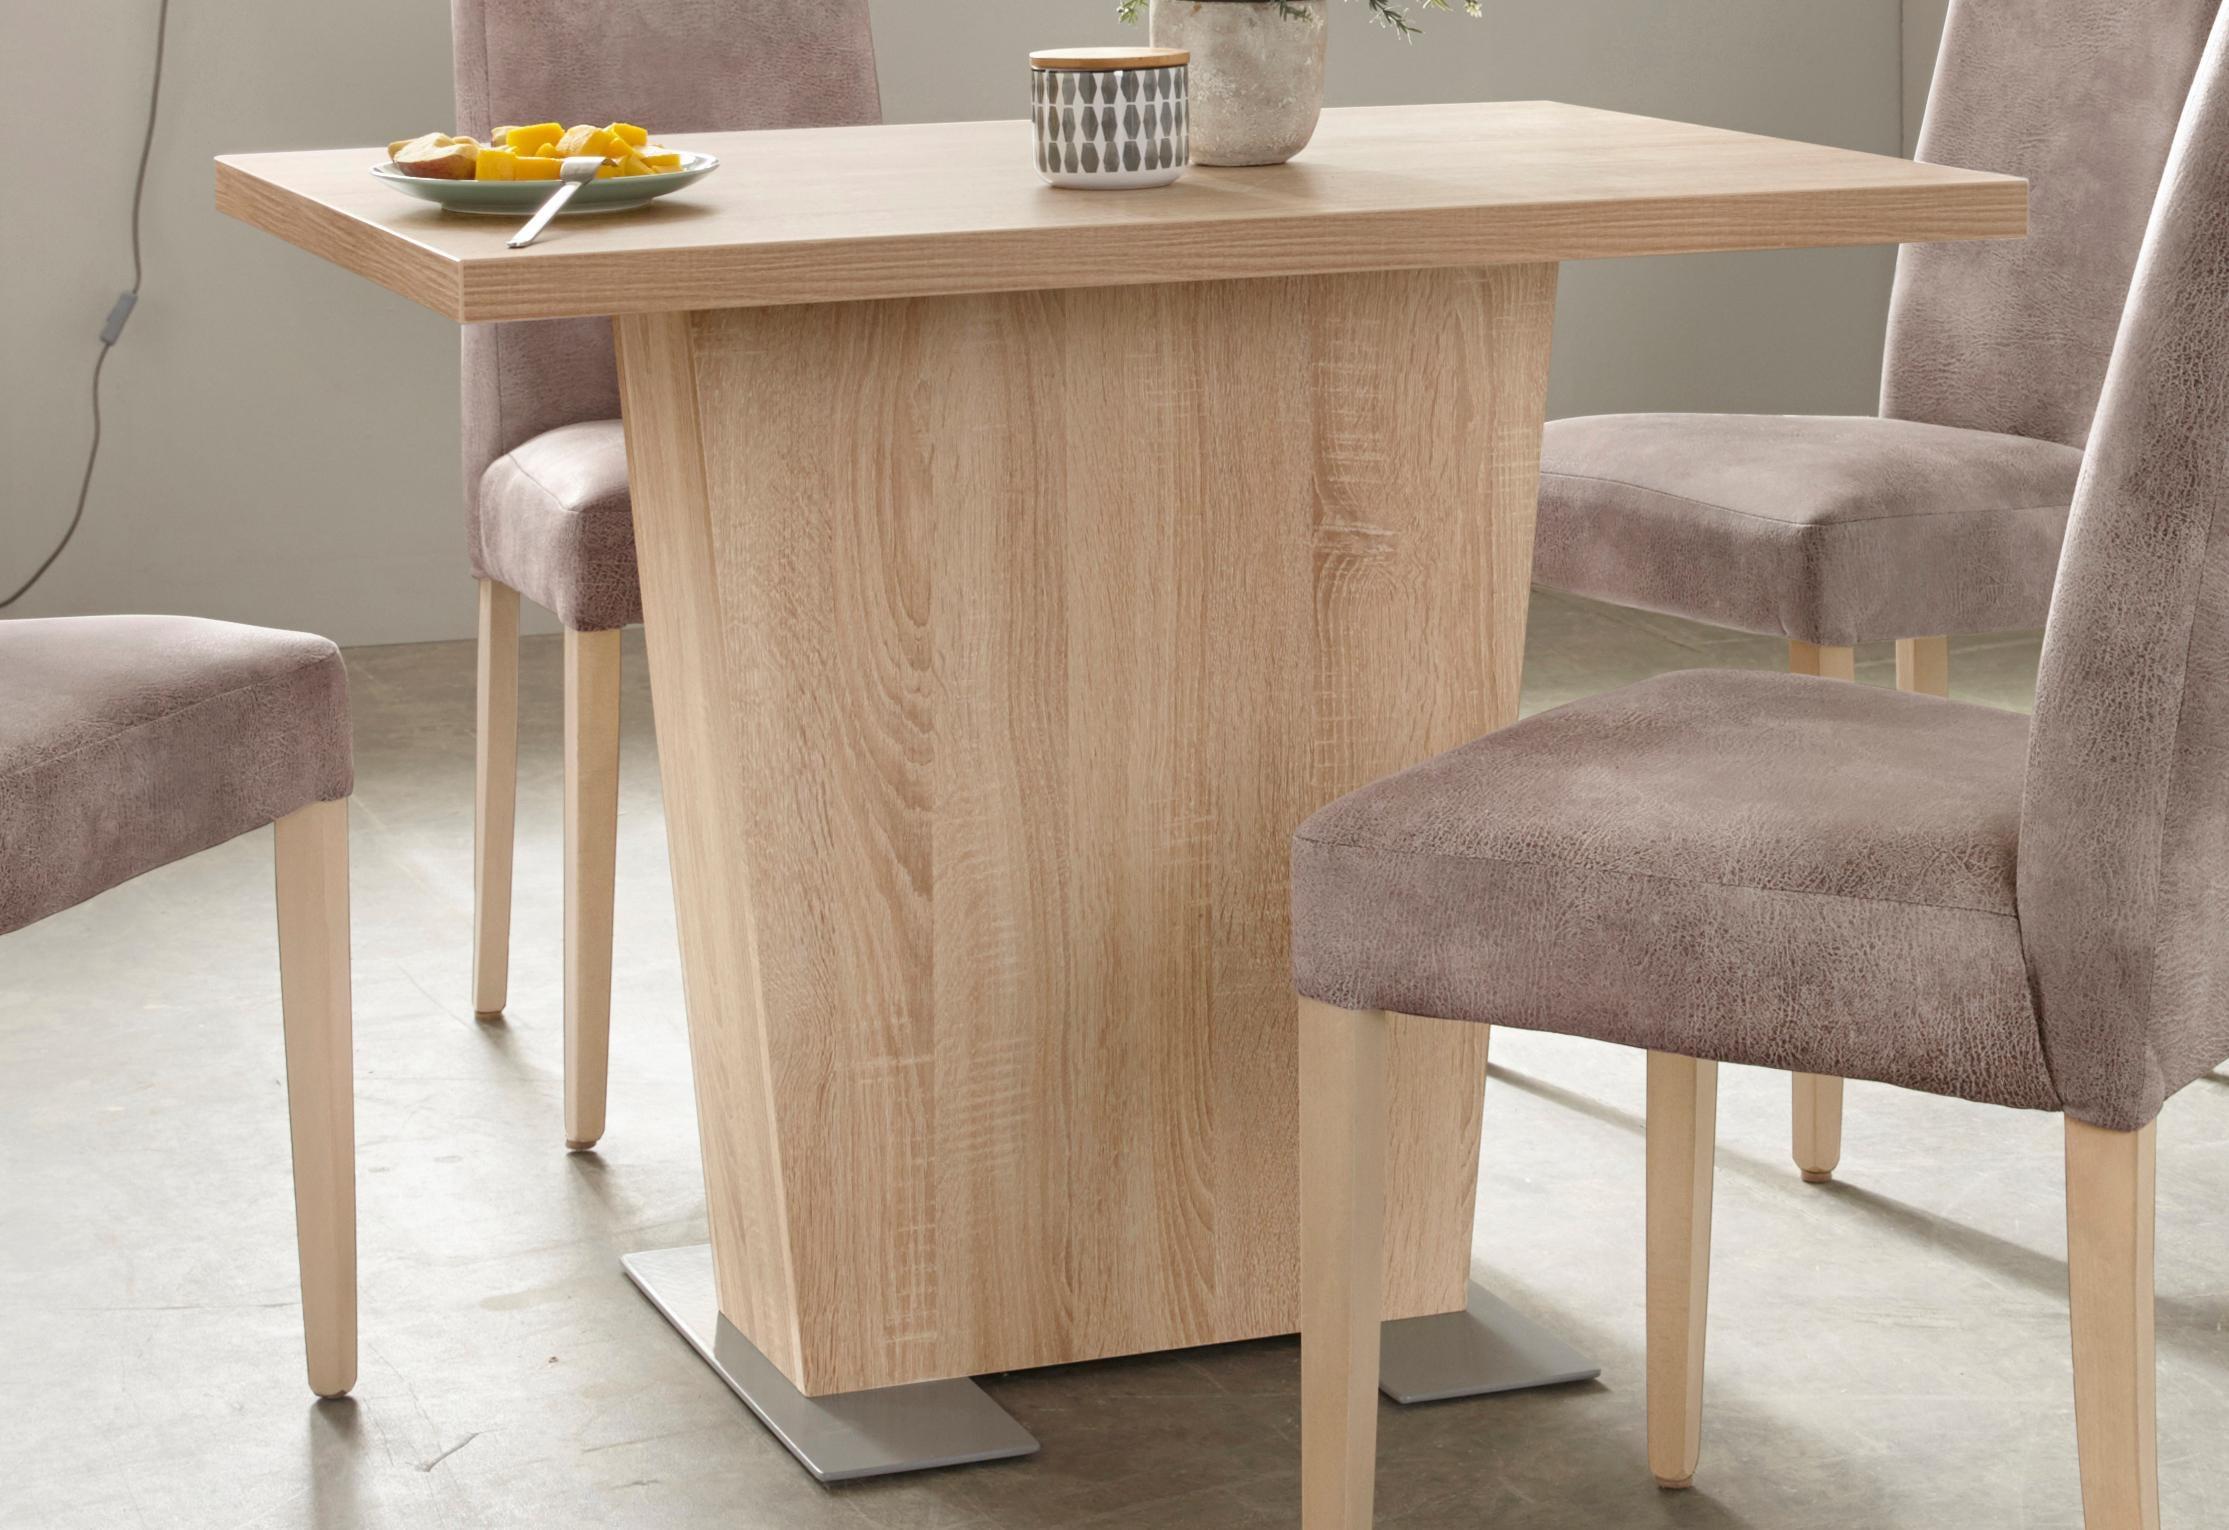 Säulen-Esstisch Carola Wohnen/Möbel/Tische/Esstische/Säulentische